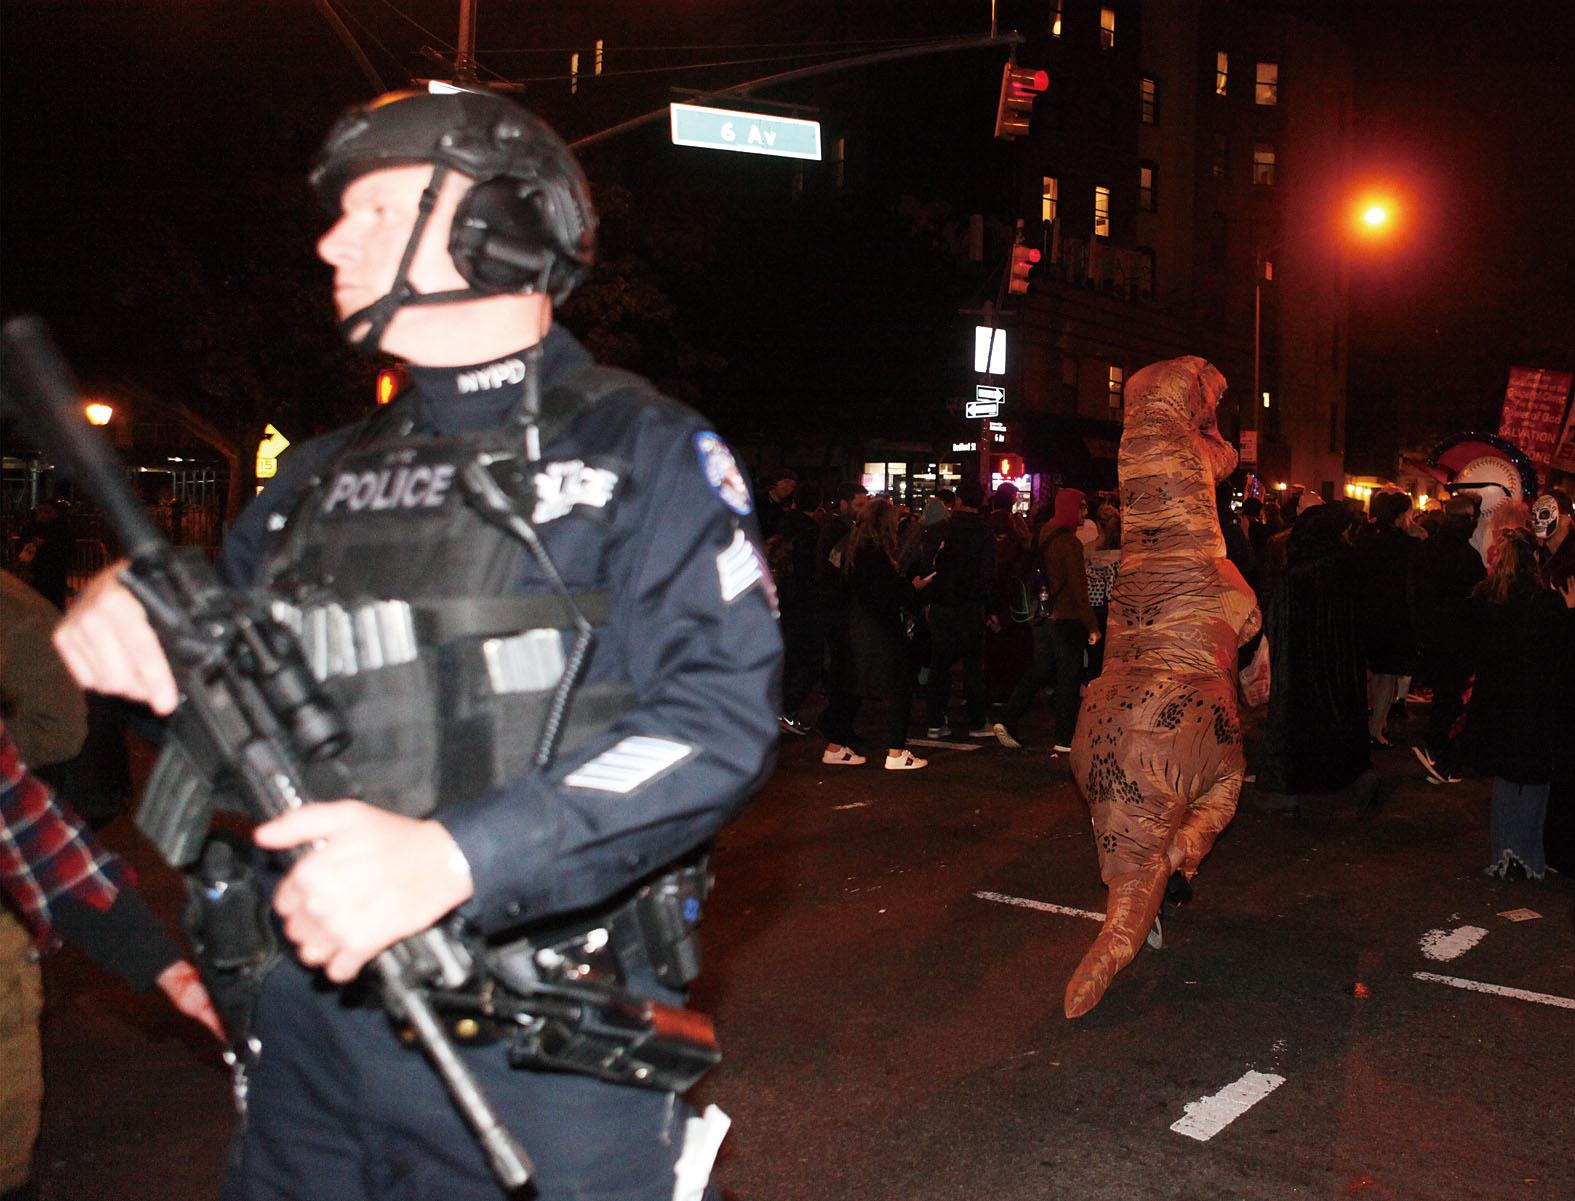 發生卡車撞人恐襲事件幾小時後,紐約年度萬聖節大遊行如期舉行,遊行起點距離恐襲事件發生地不足兩公里。 圖為警方在遊行隊伍沿途加強安保。中新社 疑兇塞波夫被警員開槍打中,將他制服拘捕。網上圖片 塞波夫下車後雙手持?兩支類似手槍物體,後證實不是手槍。 網上圖片